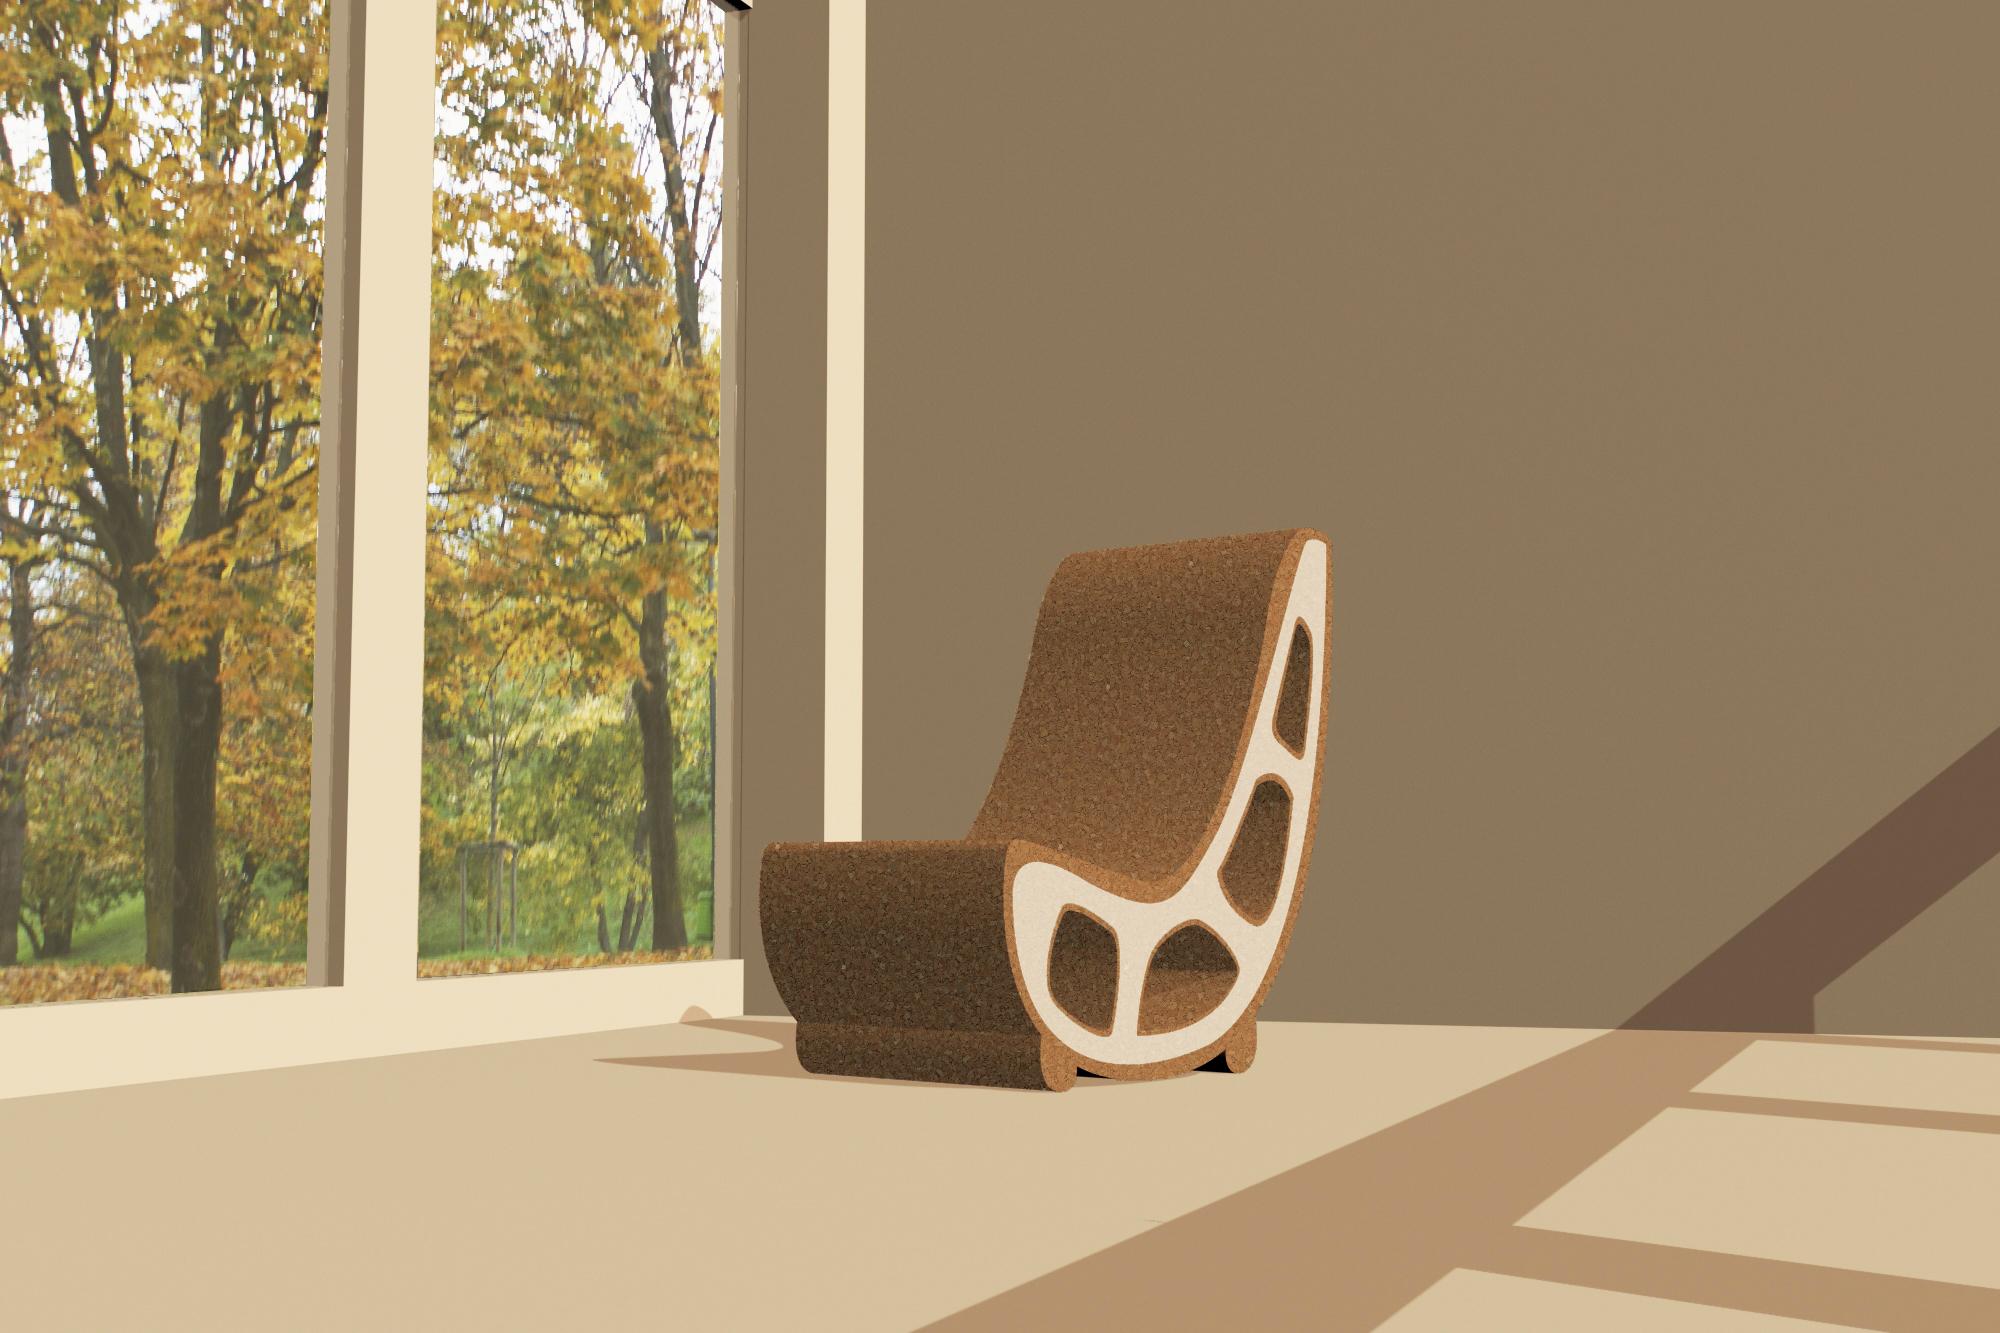 Mobiliario Sostenible: Silla lounge